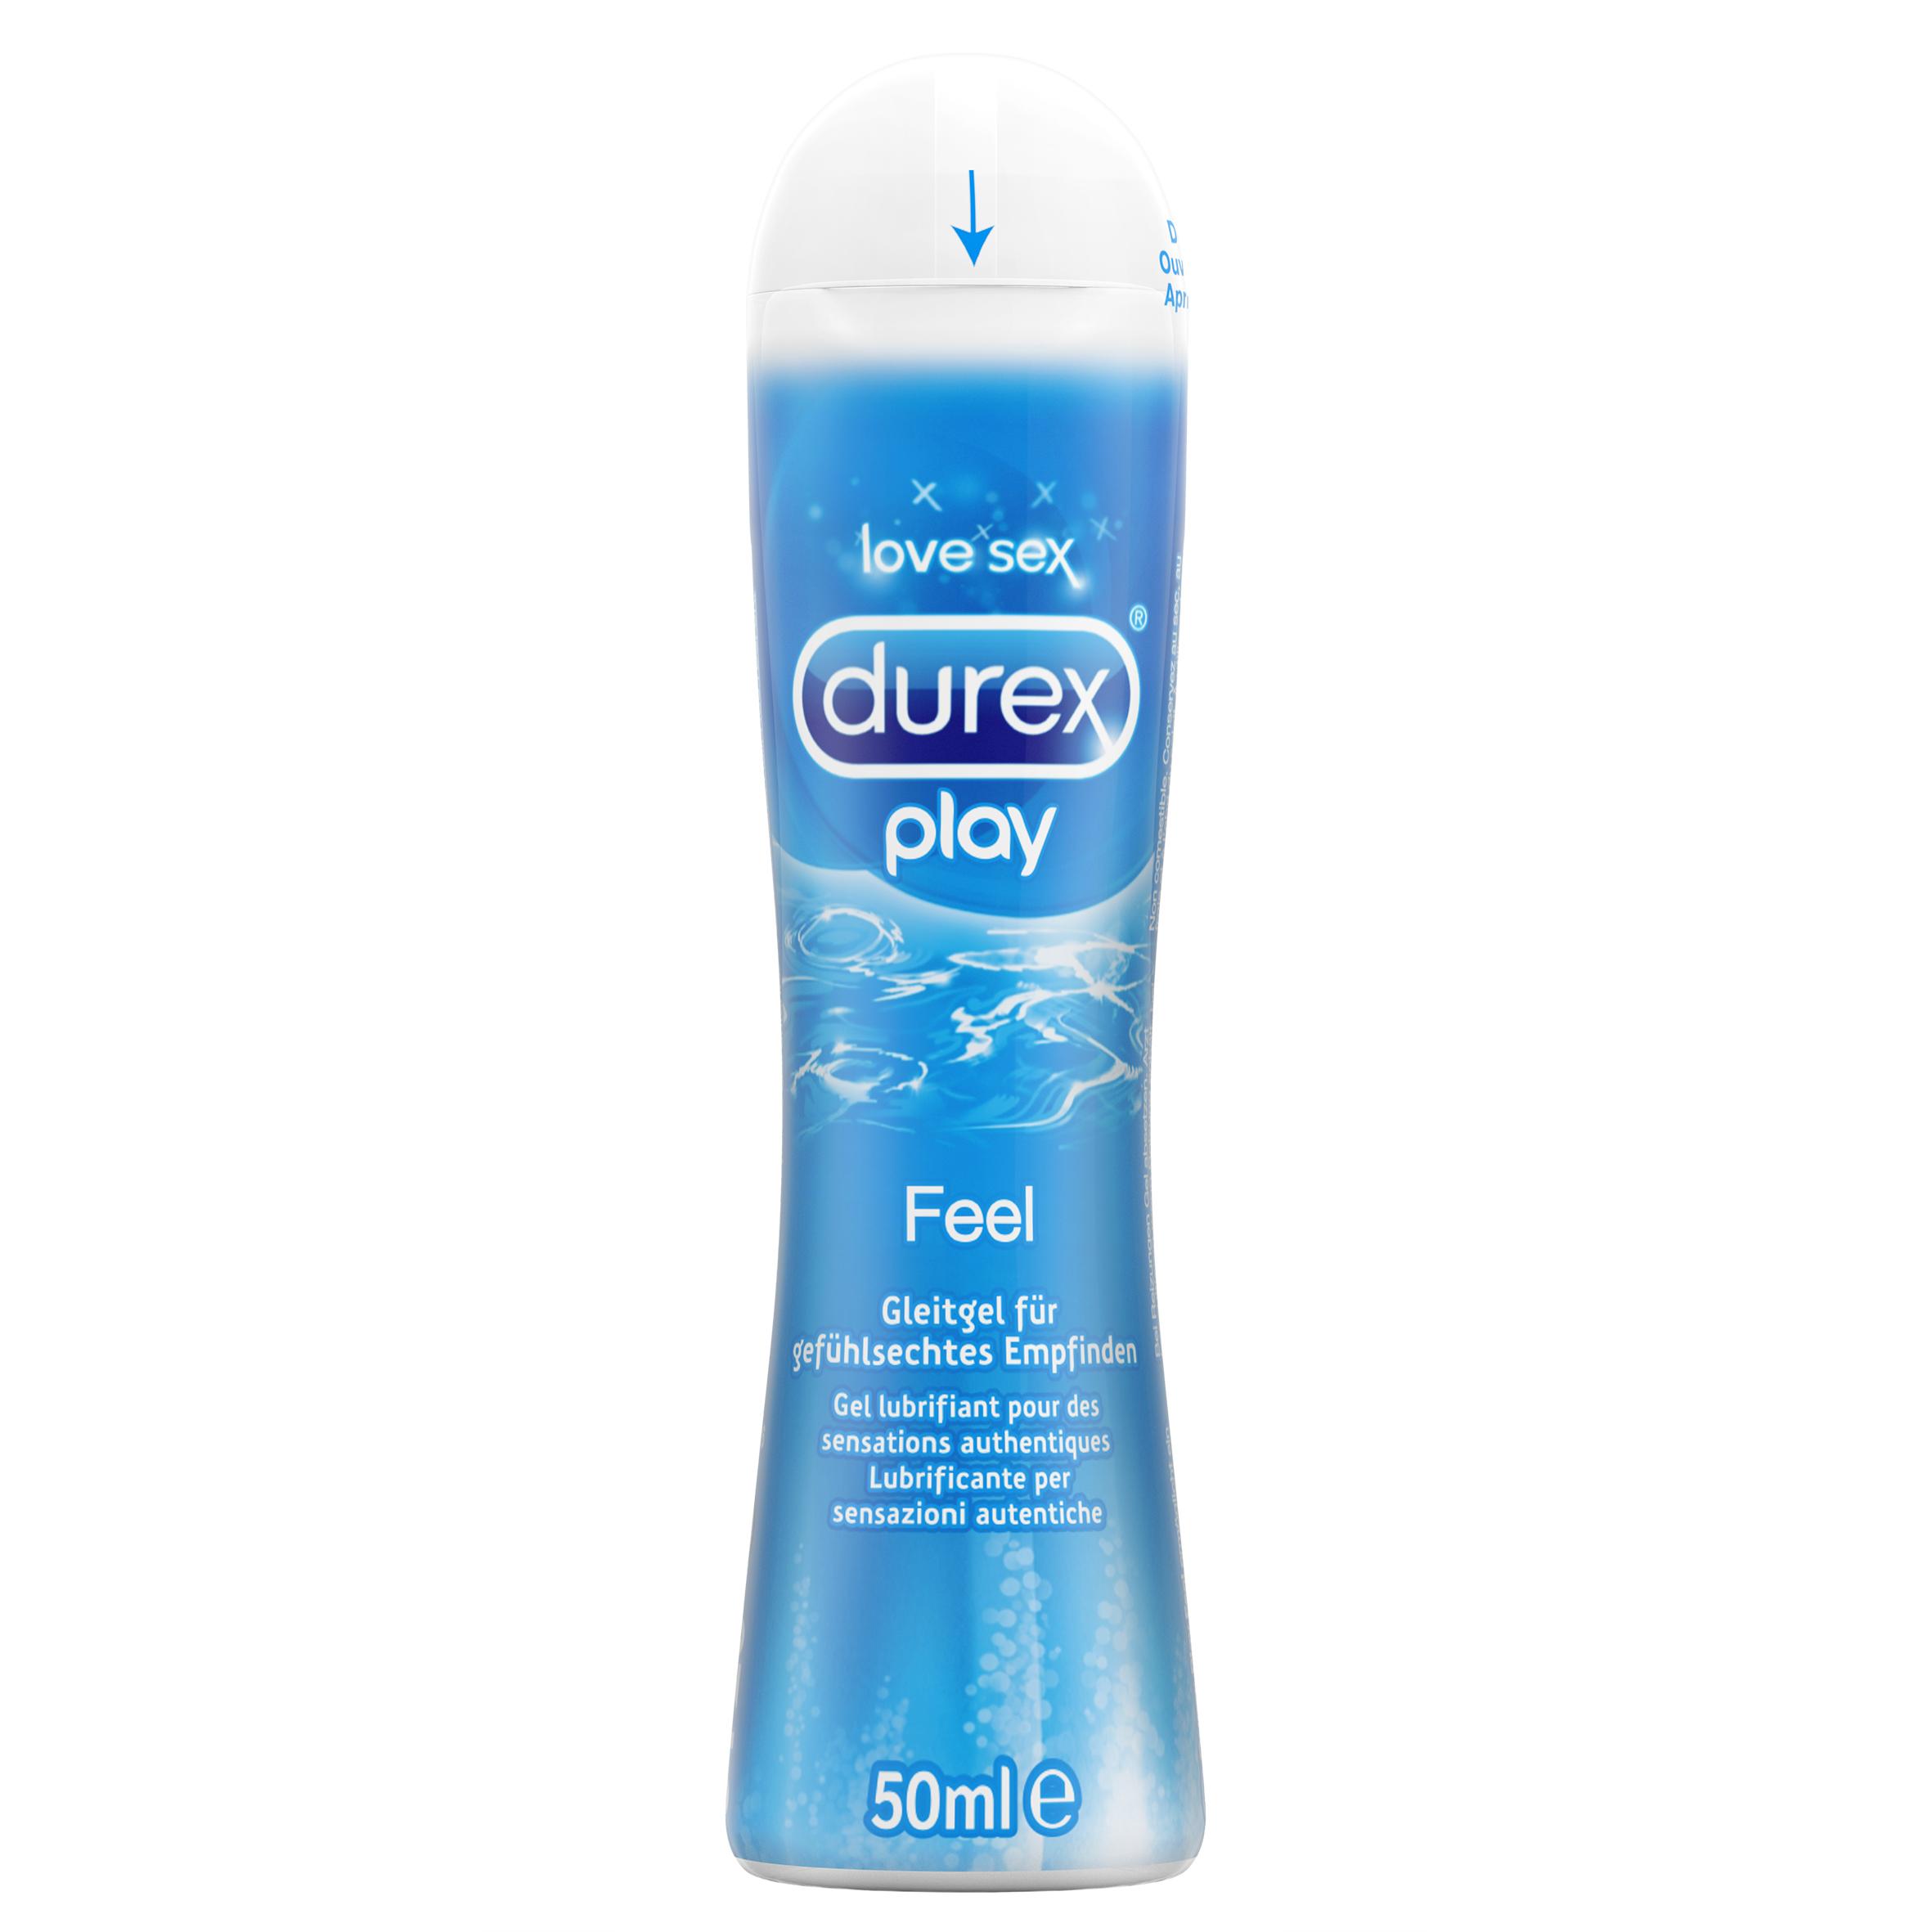 Durex Play Feel Gleit- und Erlebnisgel 50ml